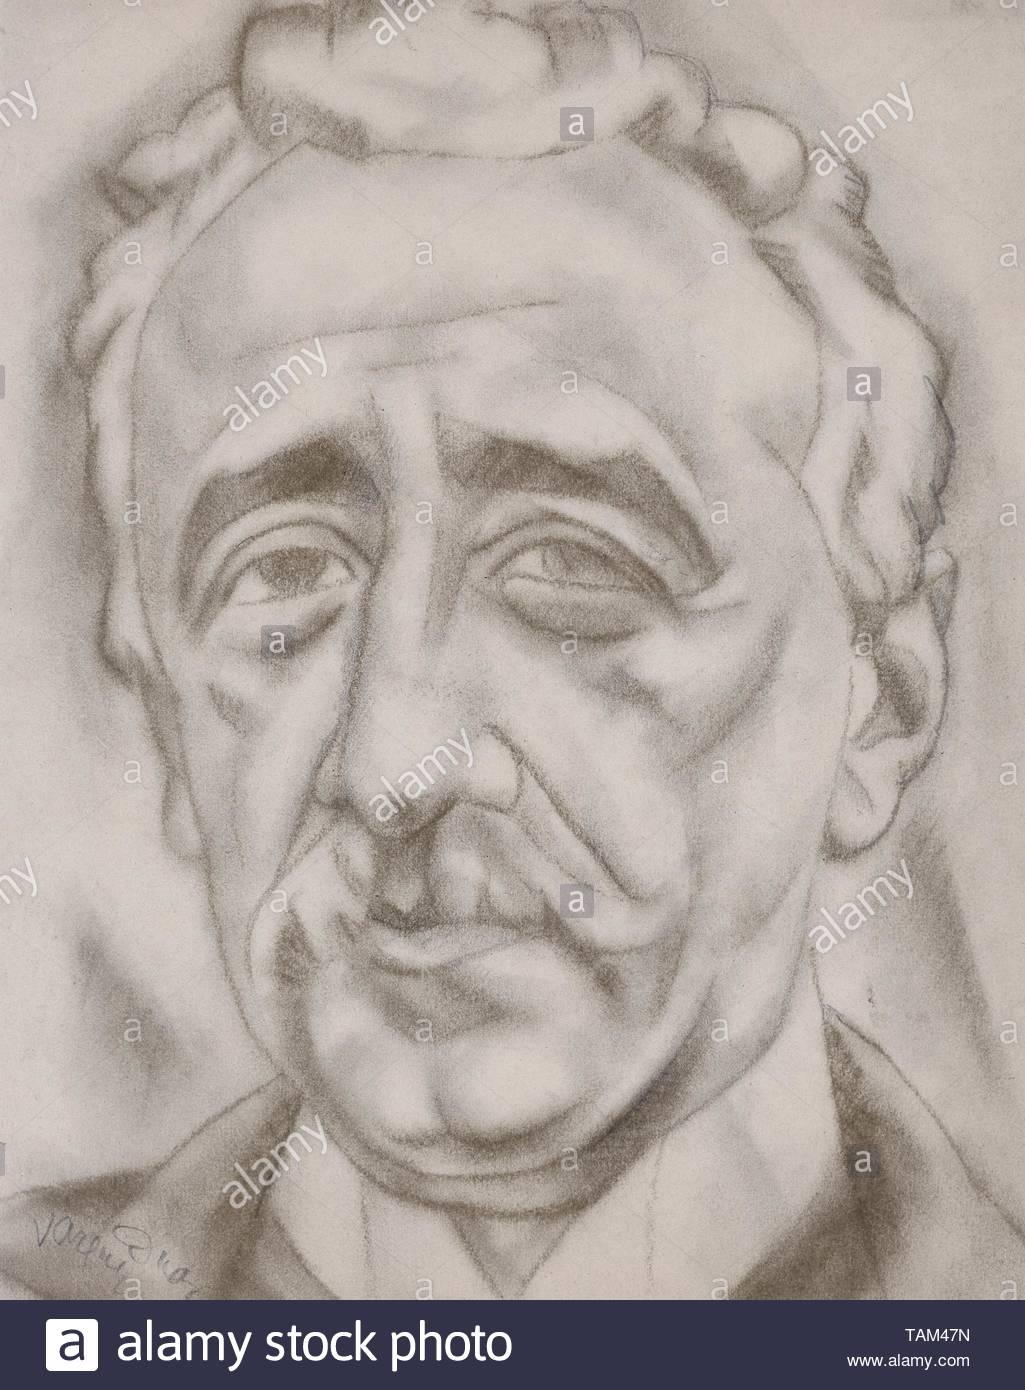 RETRATO MASCULINO - SIGLO XX - DIBUJO. Author: DANIEL VAZQUEZ DIAZ. Location: PRIVATE COLLECTION. MADRID. SPAIN. - Stock Image